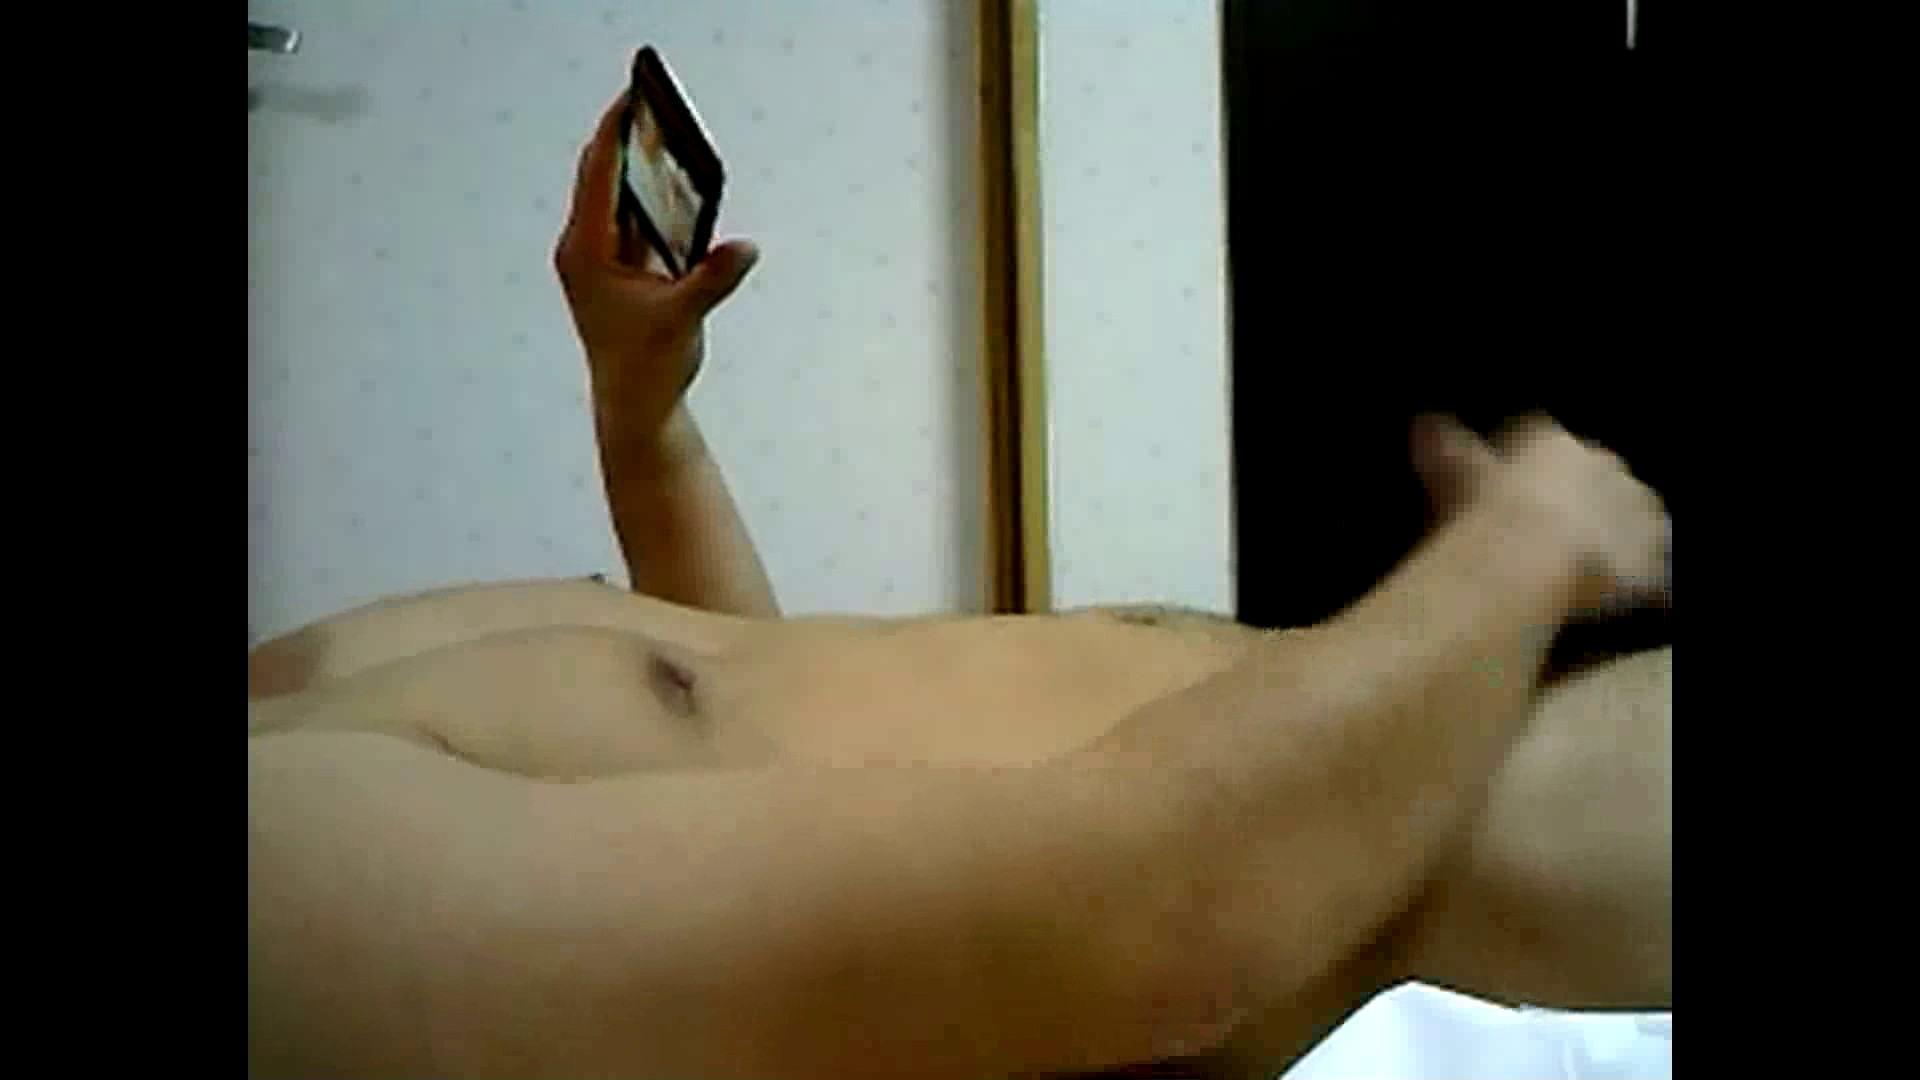 ~厳選!素人イケメン~俺のオナニズムⅡVol.2 後編 人気シリーズ ゲイエロ動画 75枚 4